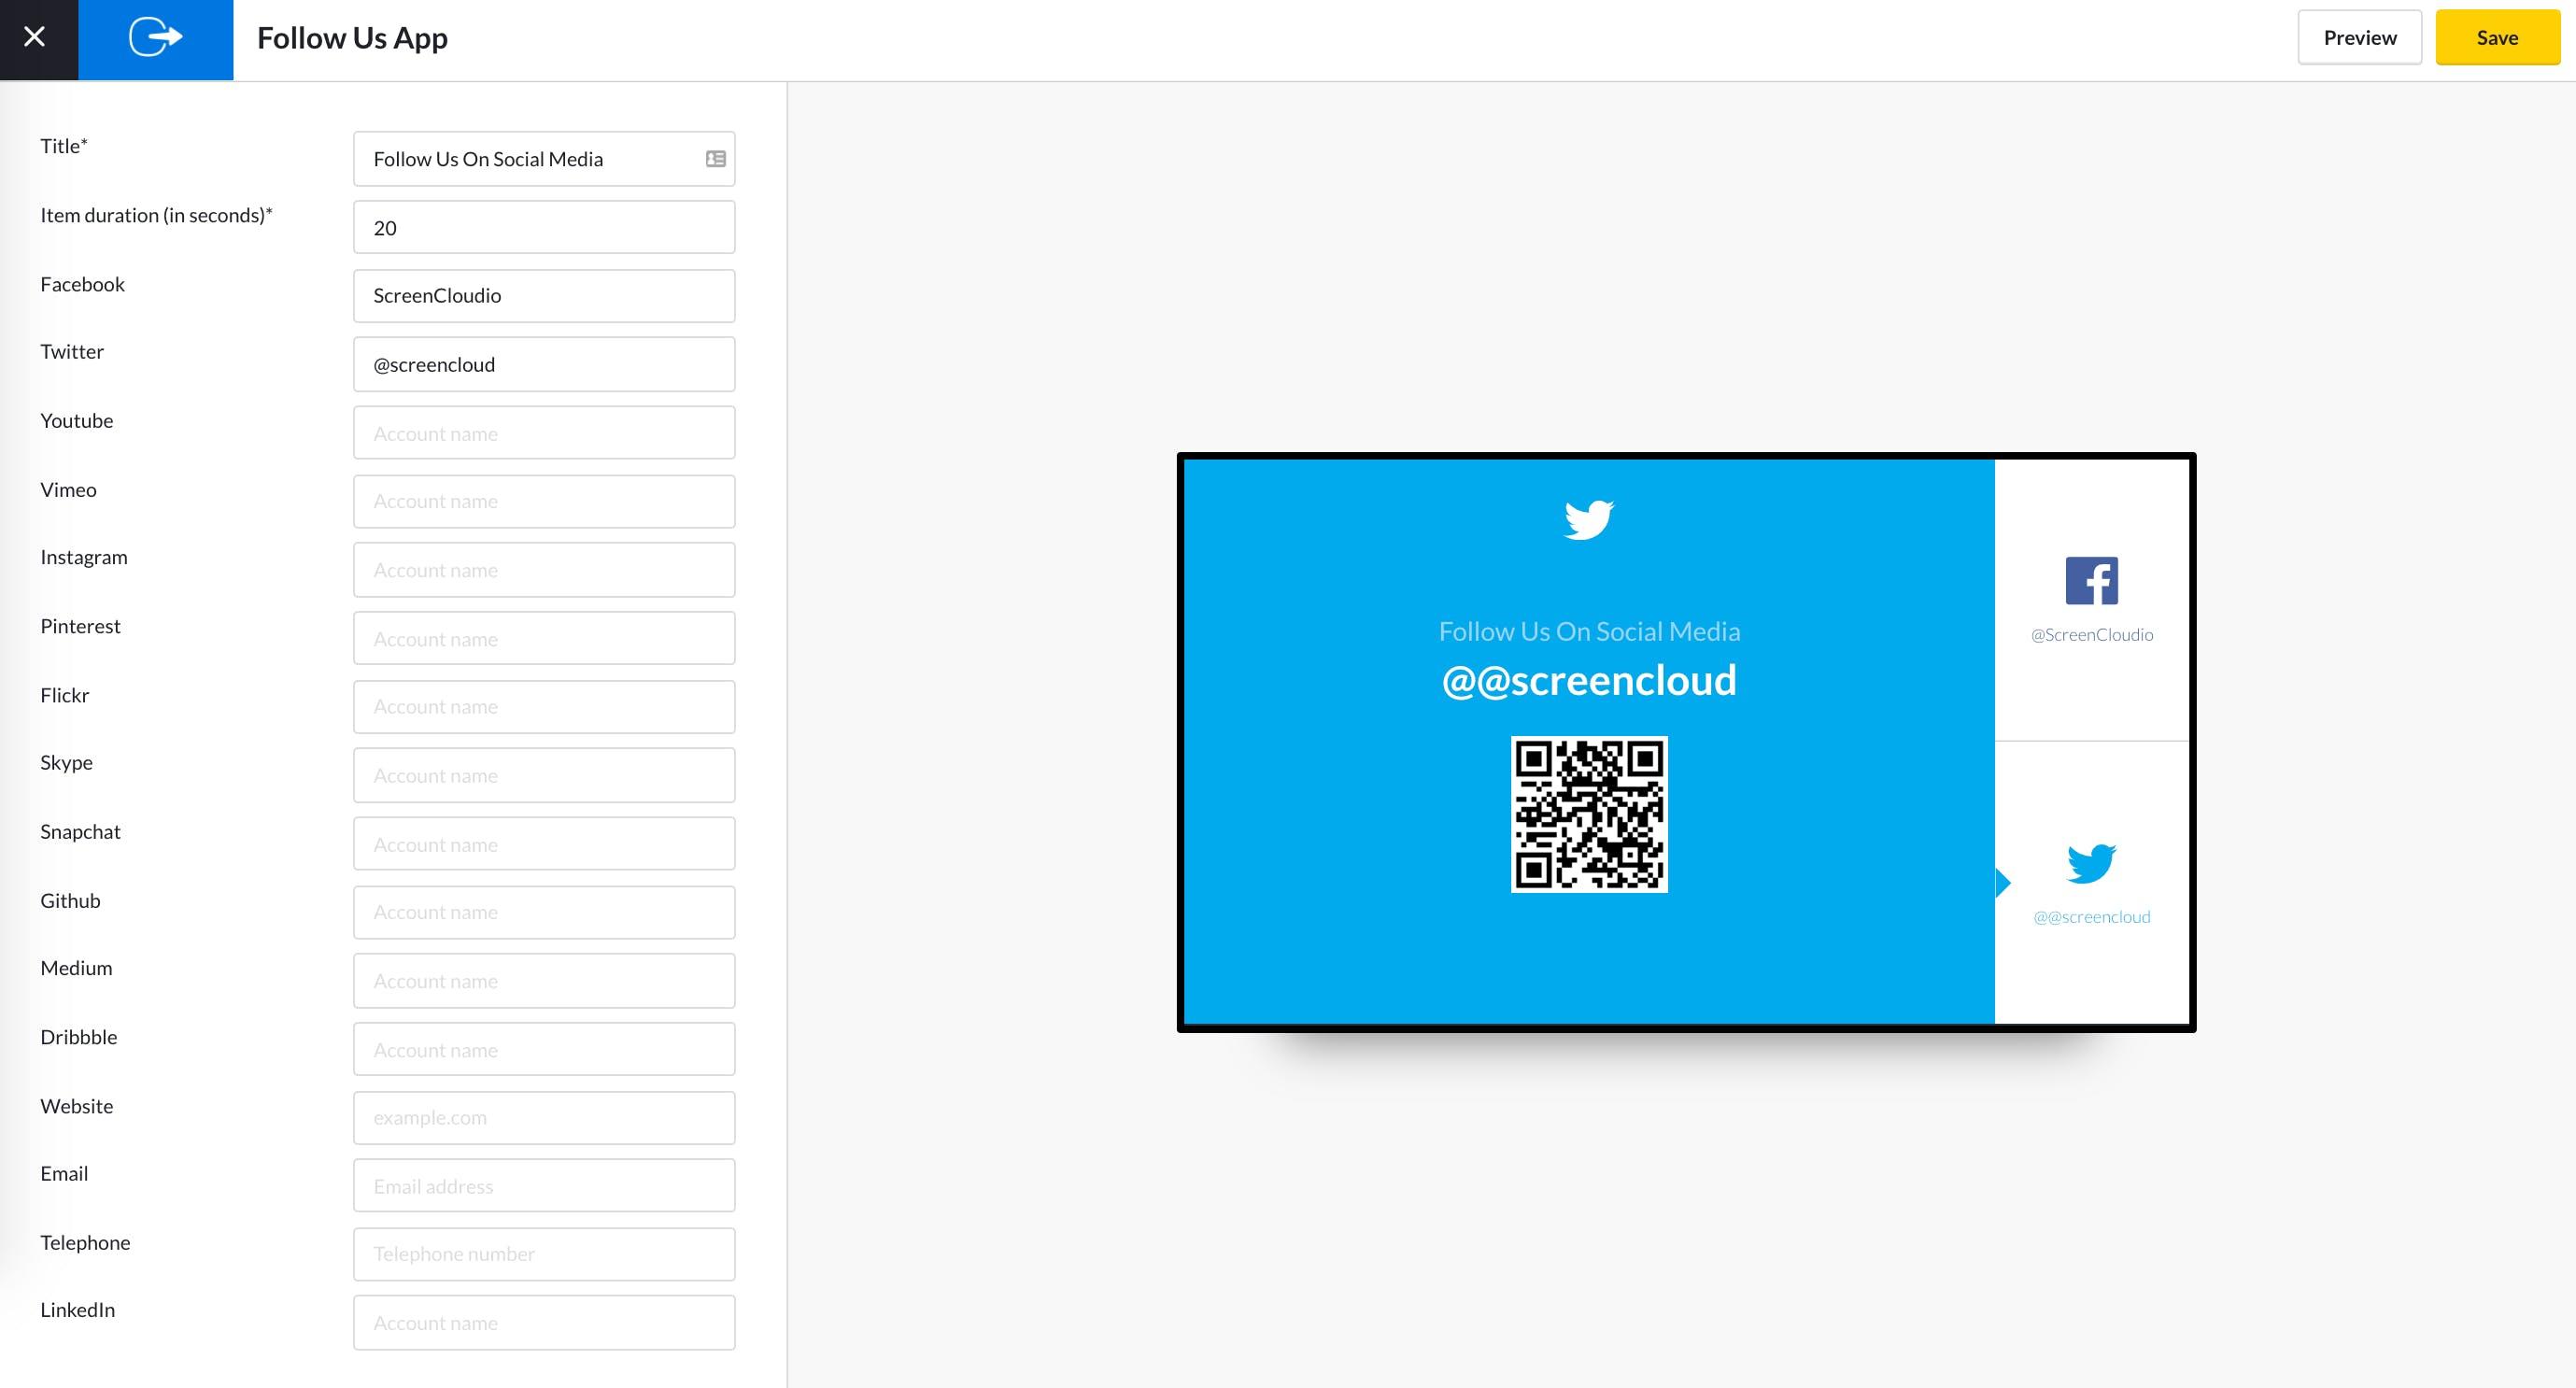 Follow Us App Guide - App configuration 5.13.2020.png